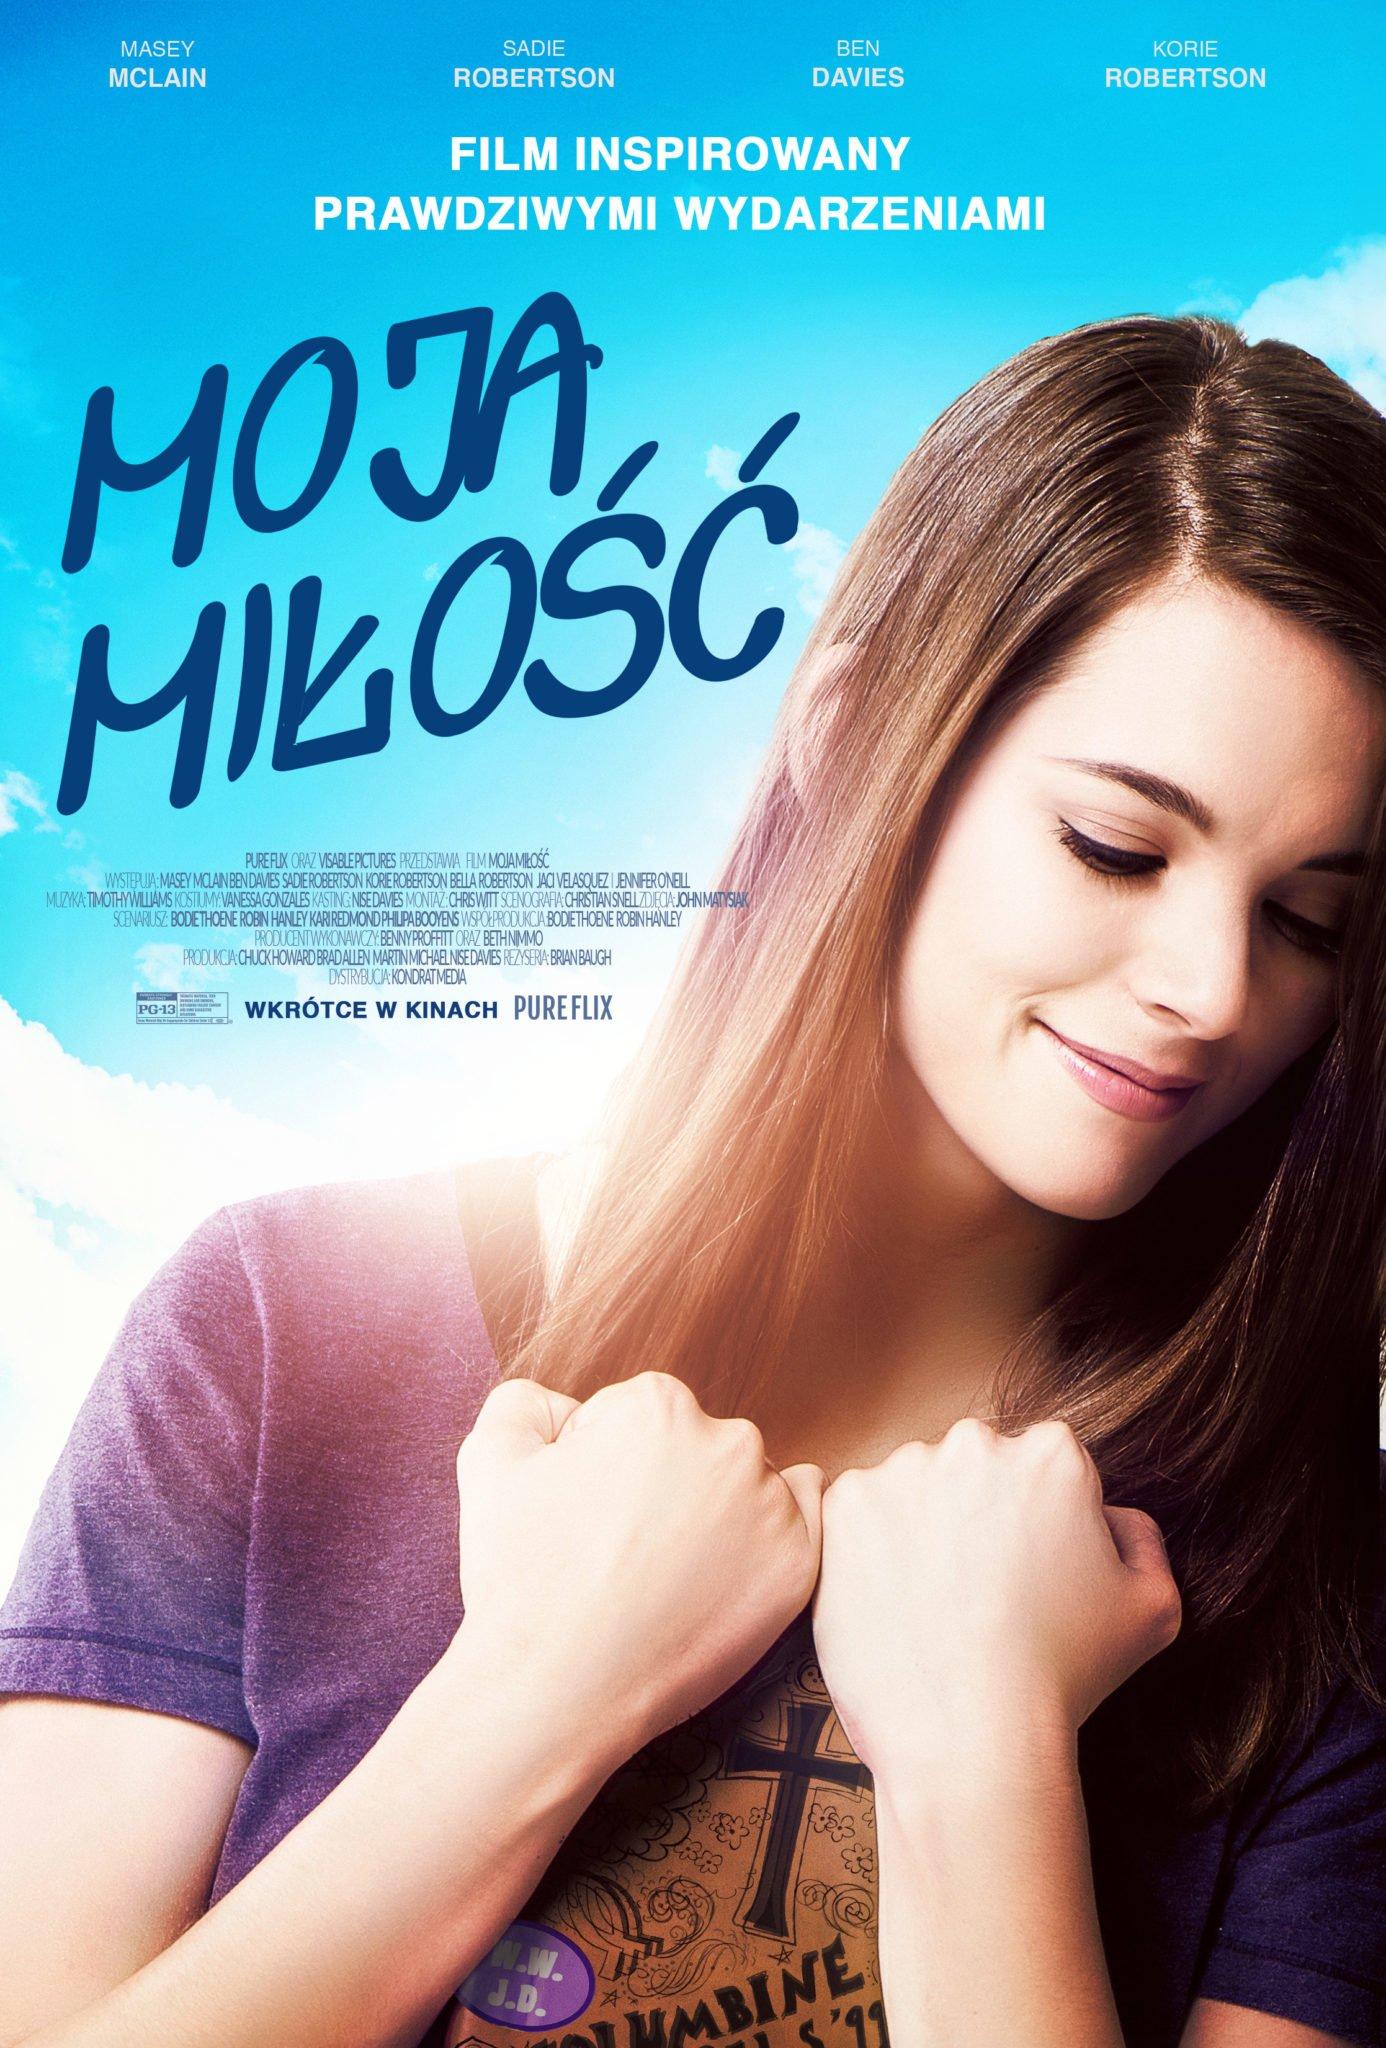 Filmy z misjonarzem nastolatków